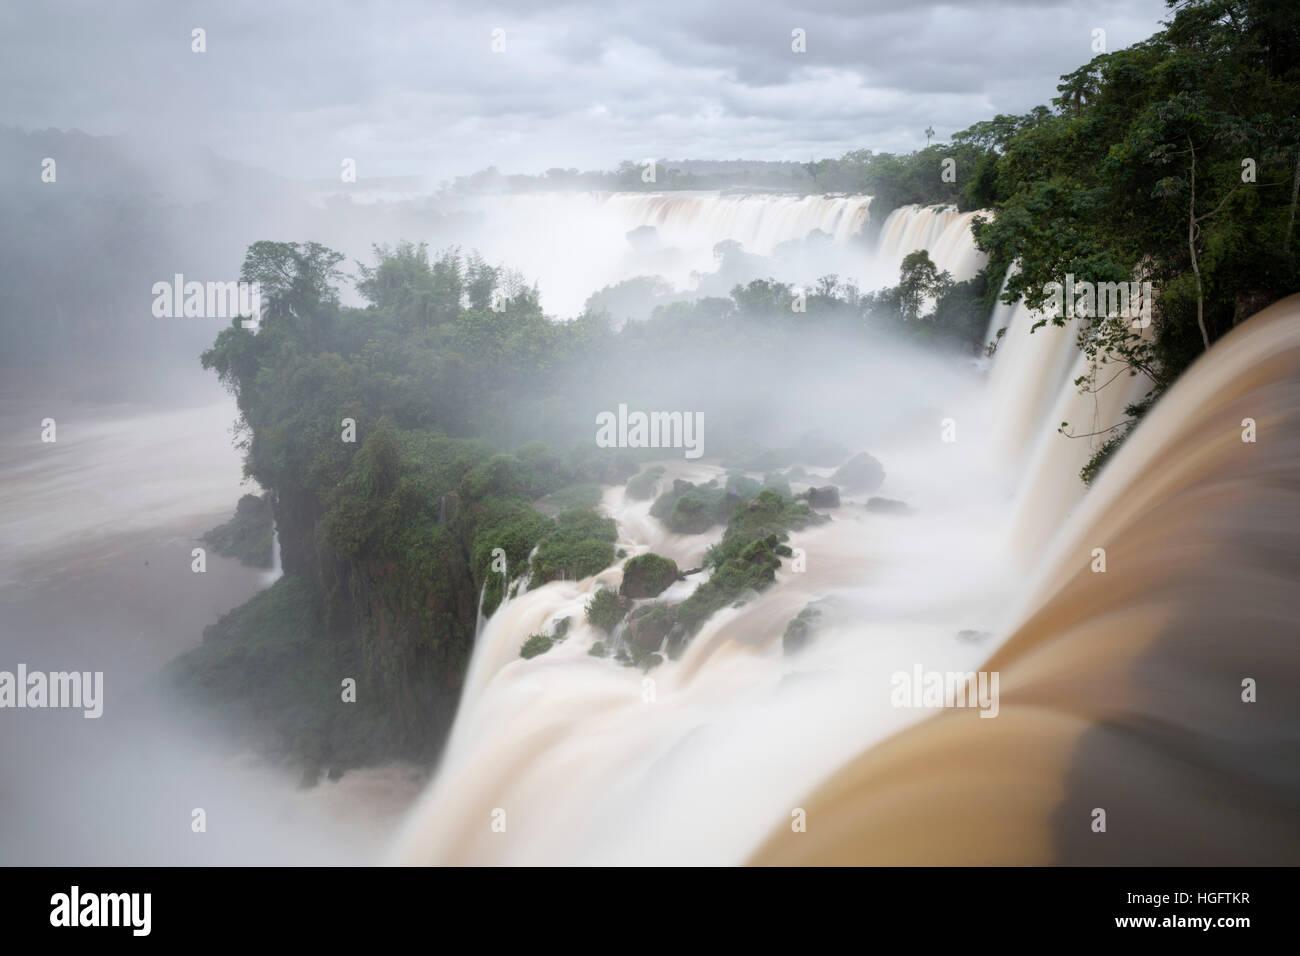 Cataratas del Iguazú, Parque Nacional Iguazú, provincia de Misiones, en el Nordeste, Argentina, Sudamérica Foto de stock